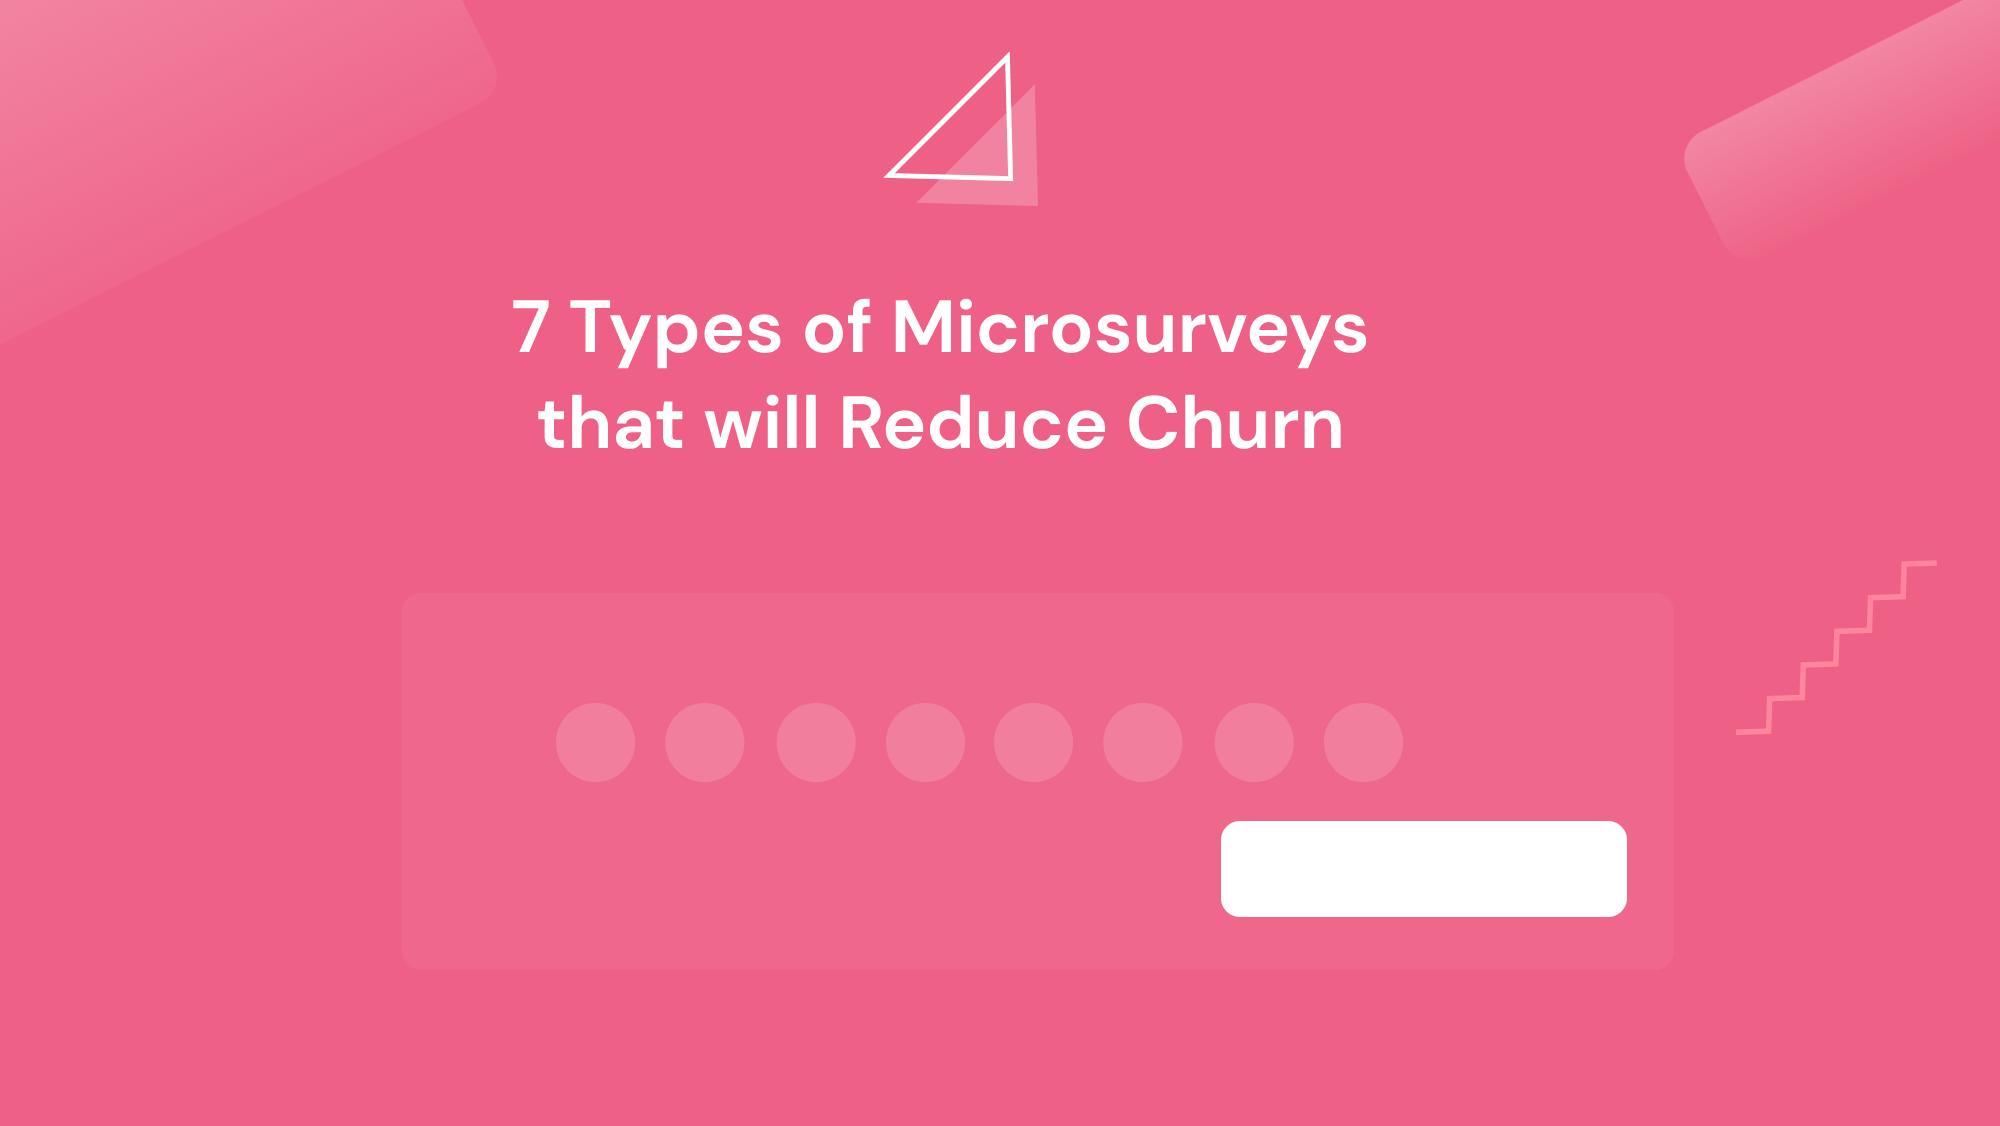 microsurveys reduce churn